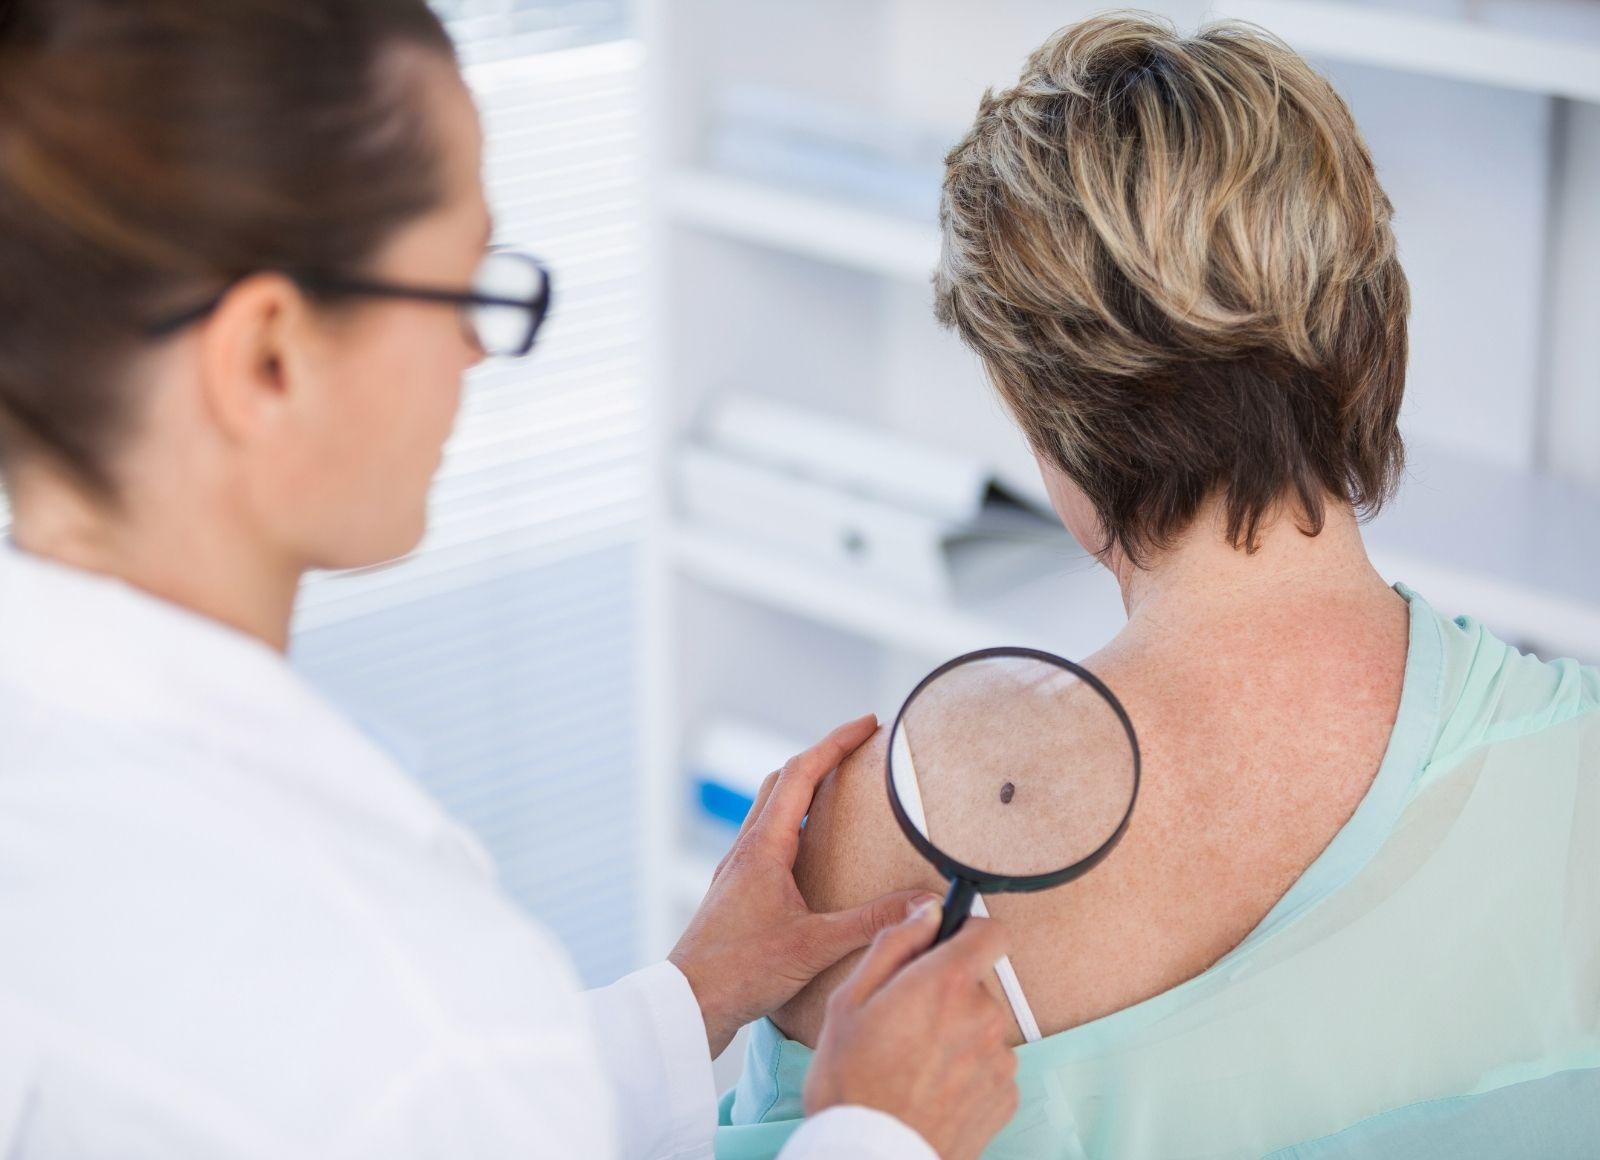 Melanoma ¿Por qué es importante prevenirlo?